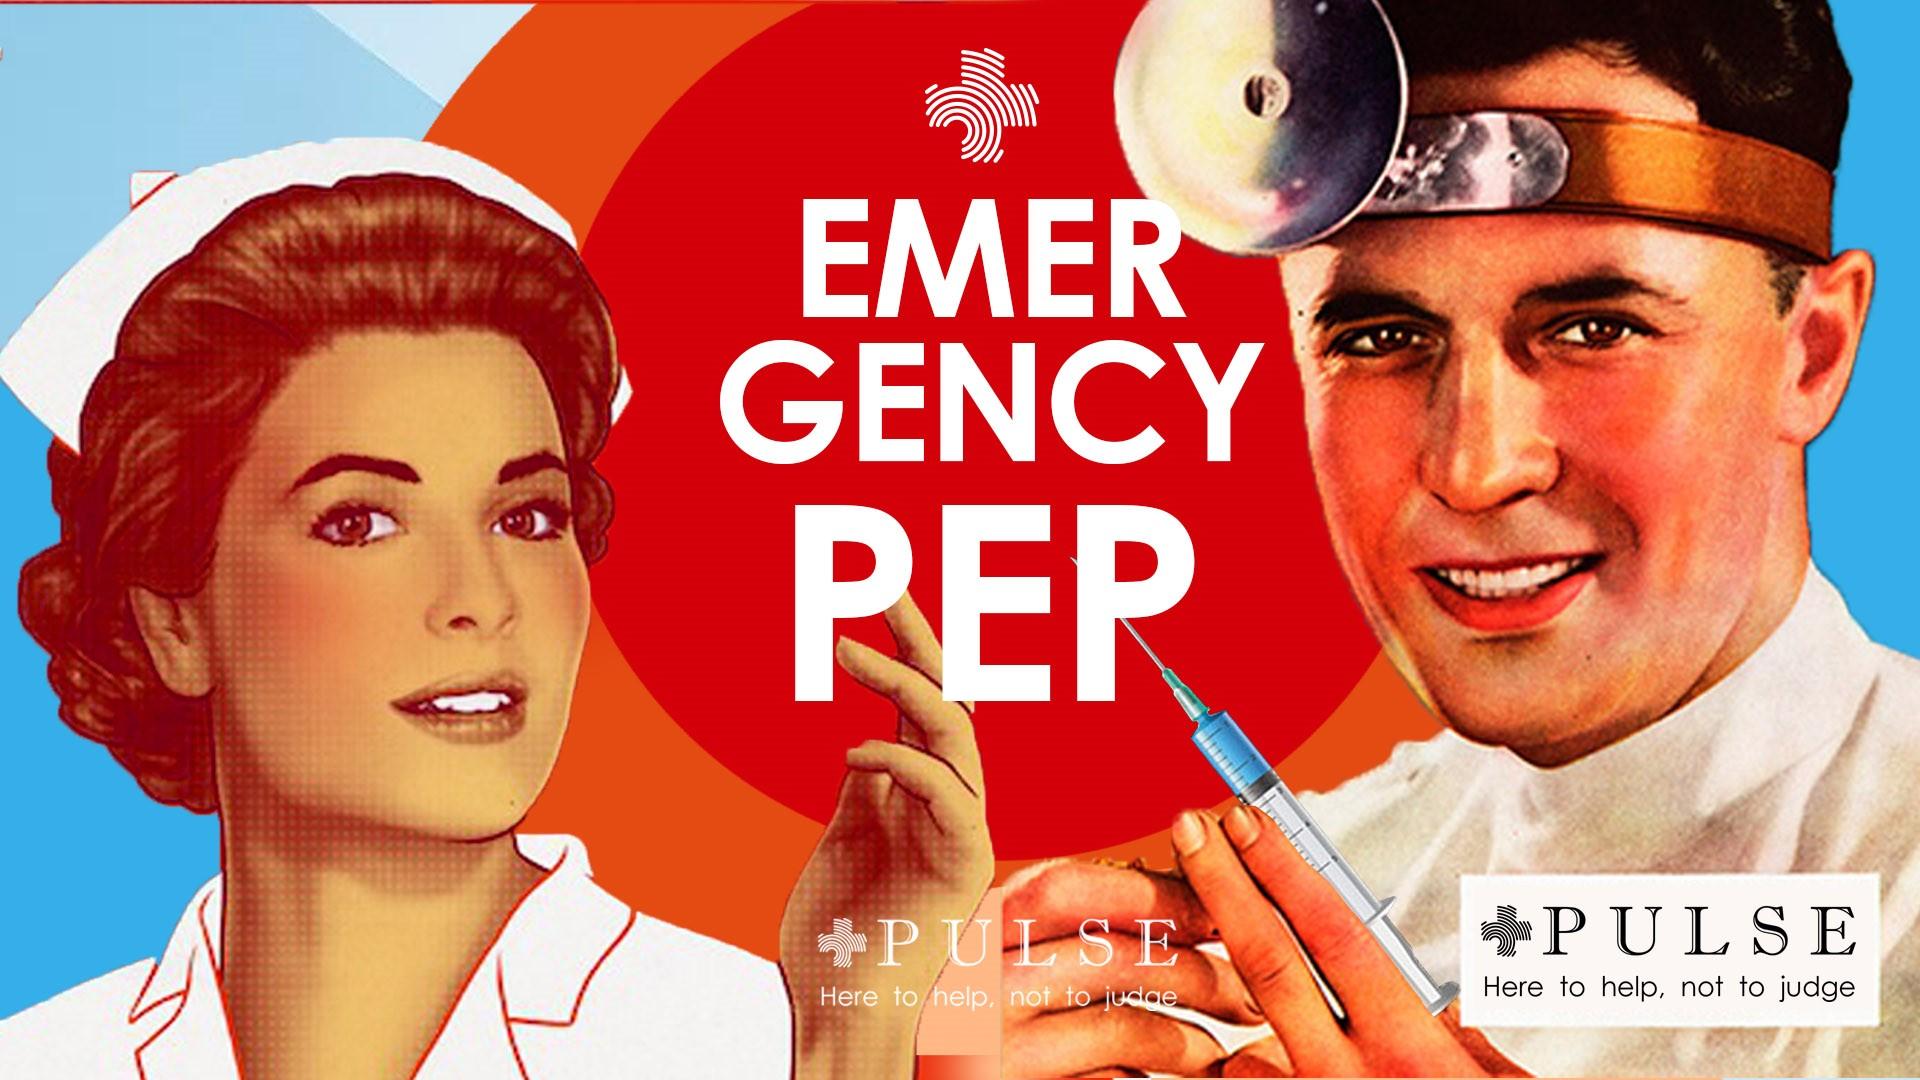 PEP (Emergency PEP)